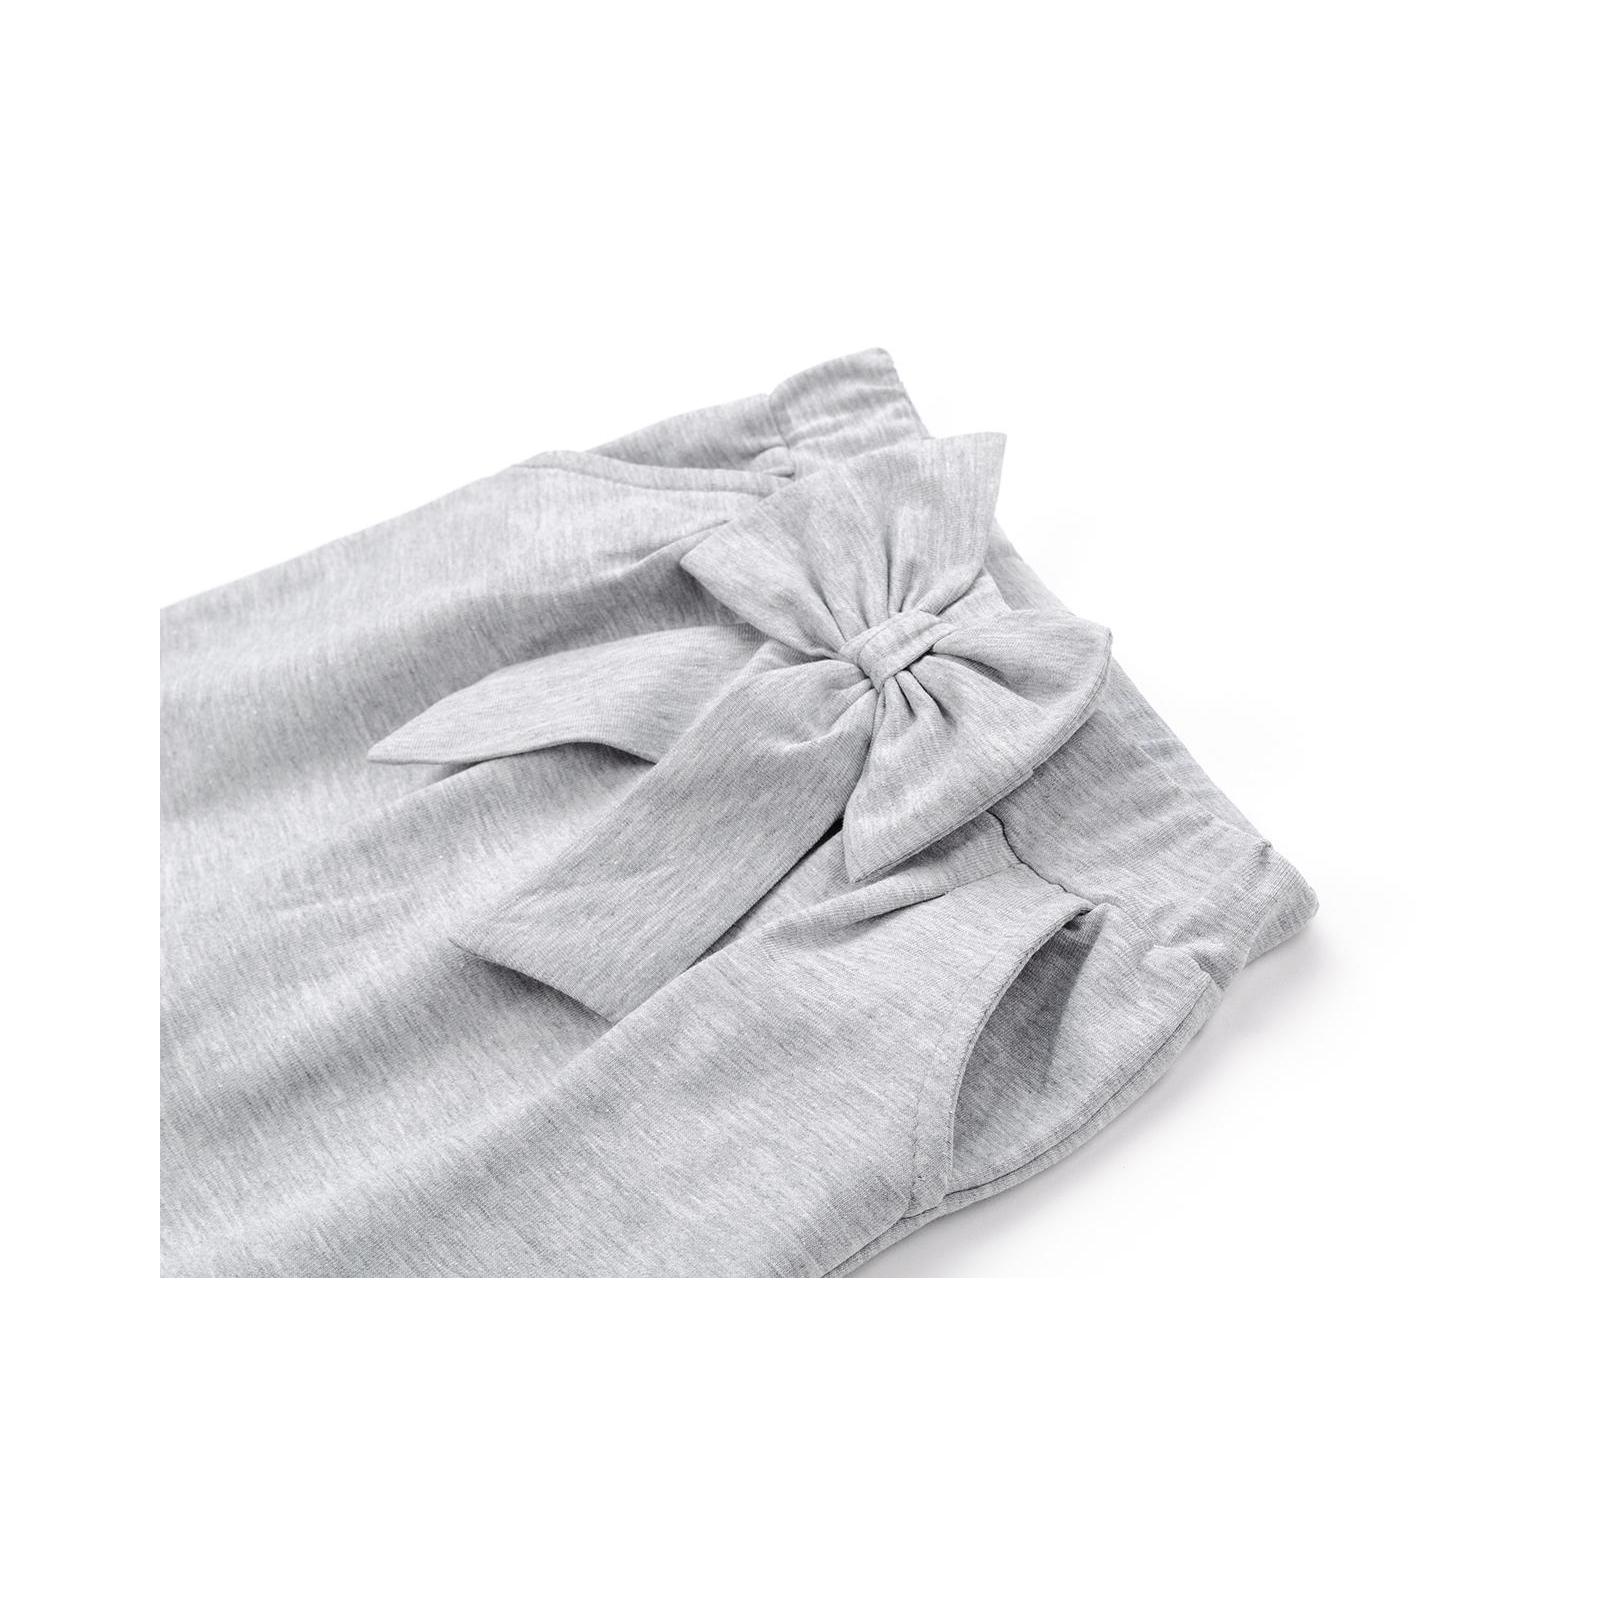 Штаны детские Breeze с бантом (10704-98G-gray) изображение 4